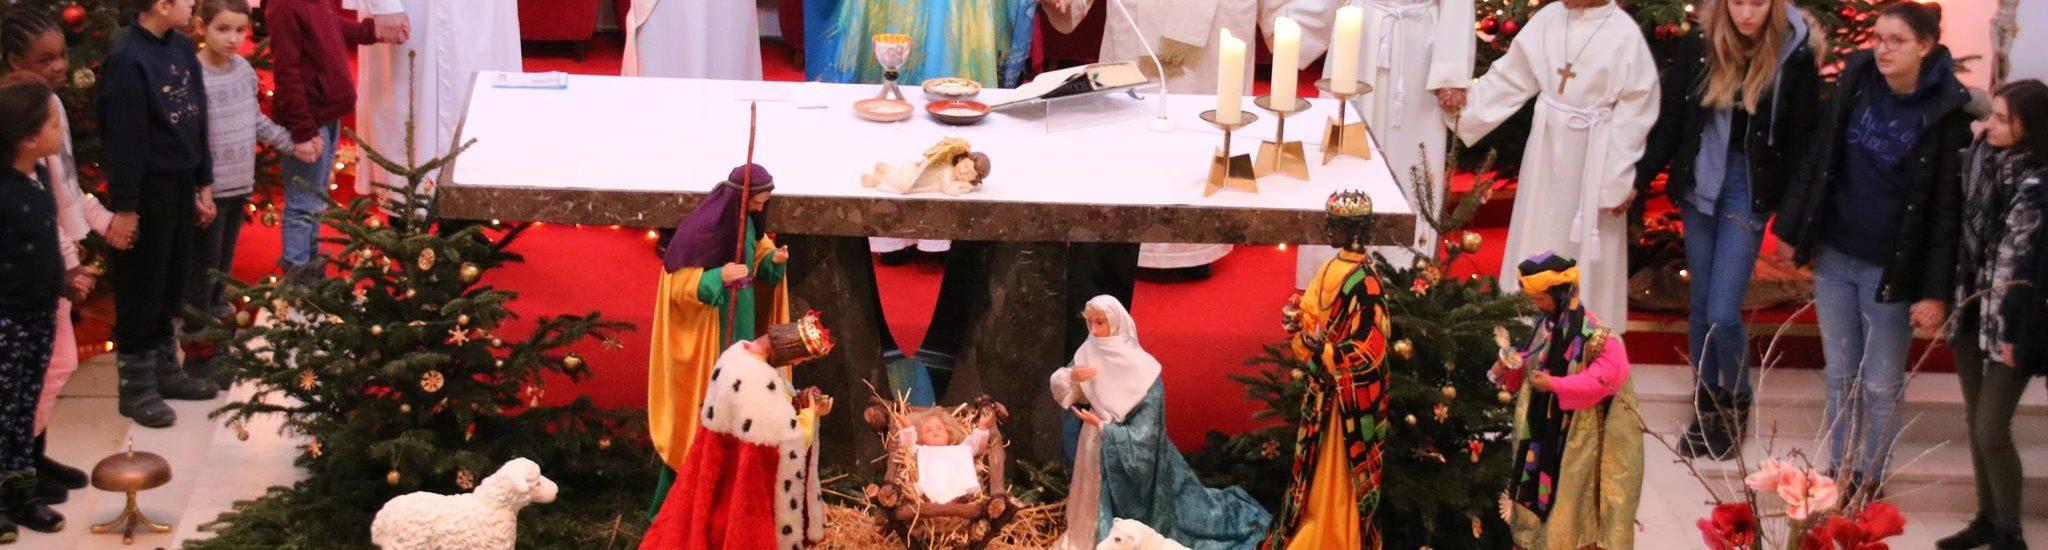 13 1 2019 Taufe Des Herrn Kindermesse Anschl